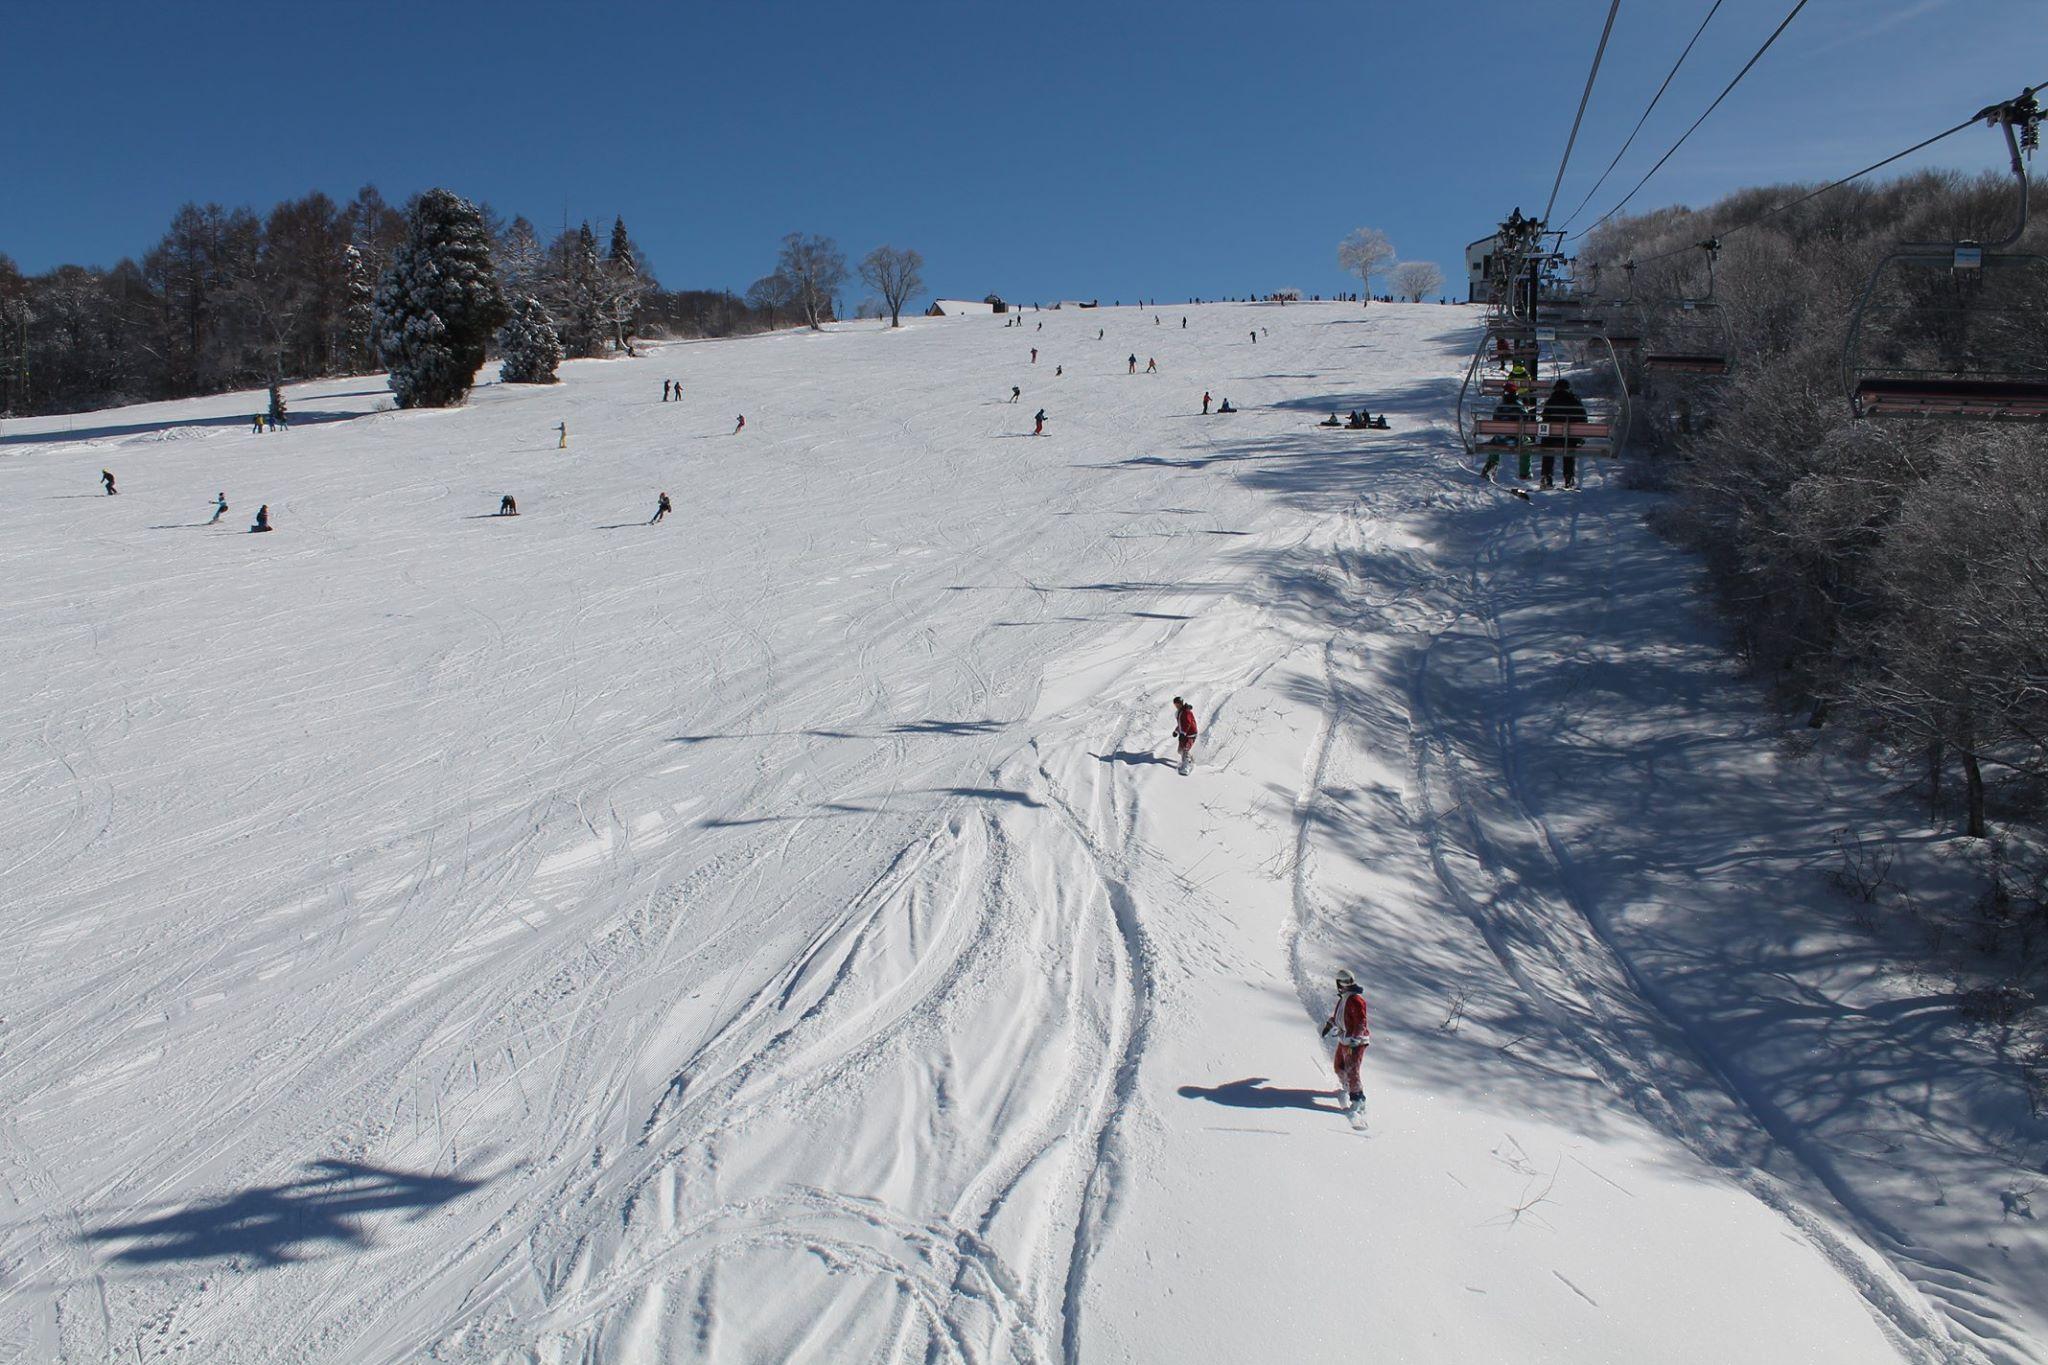 温泉 スキー 天気 野沢 場